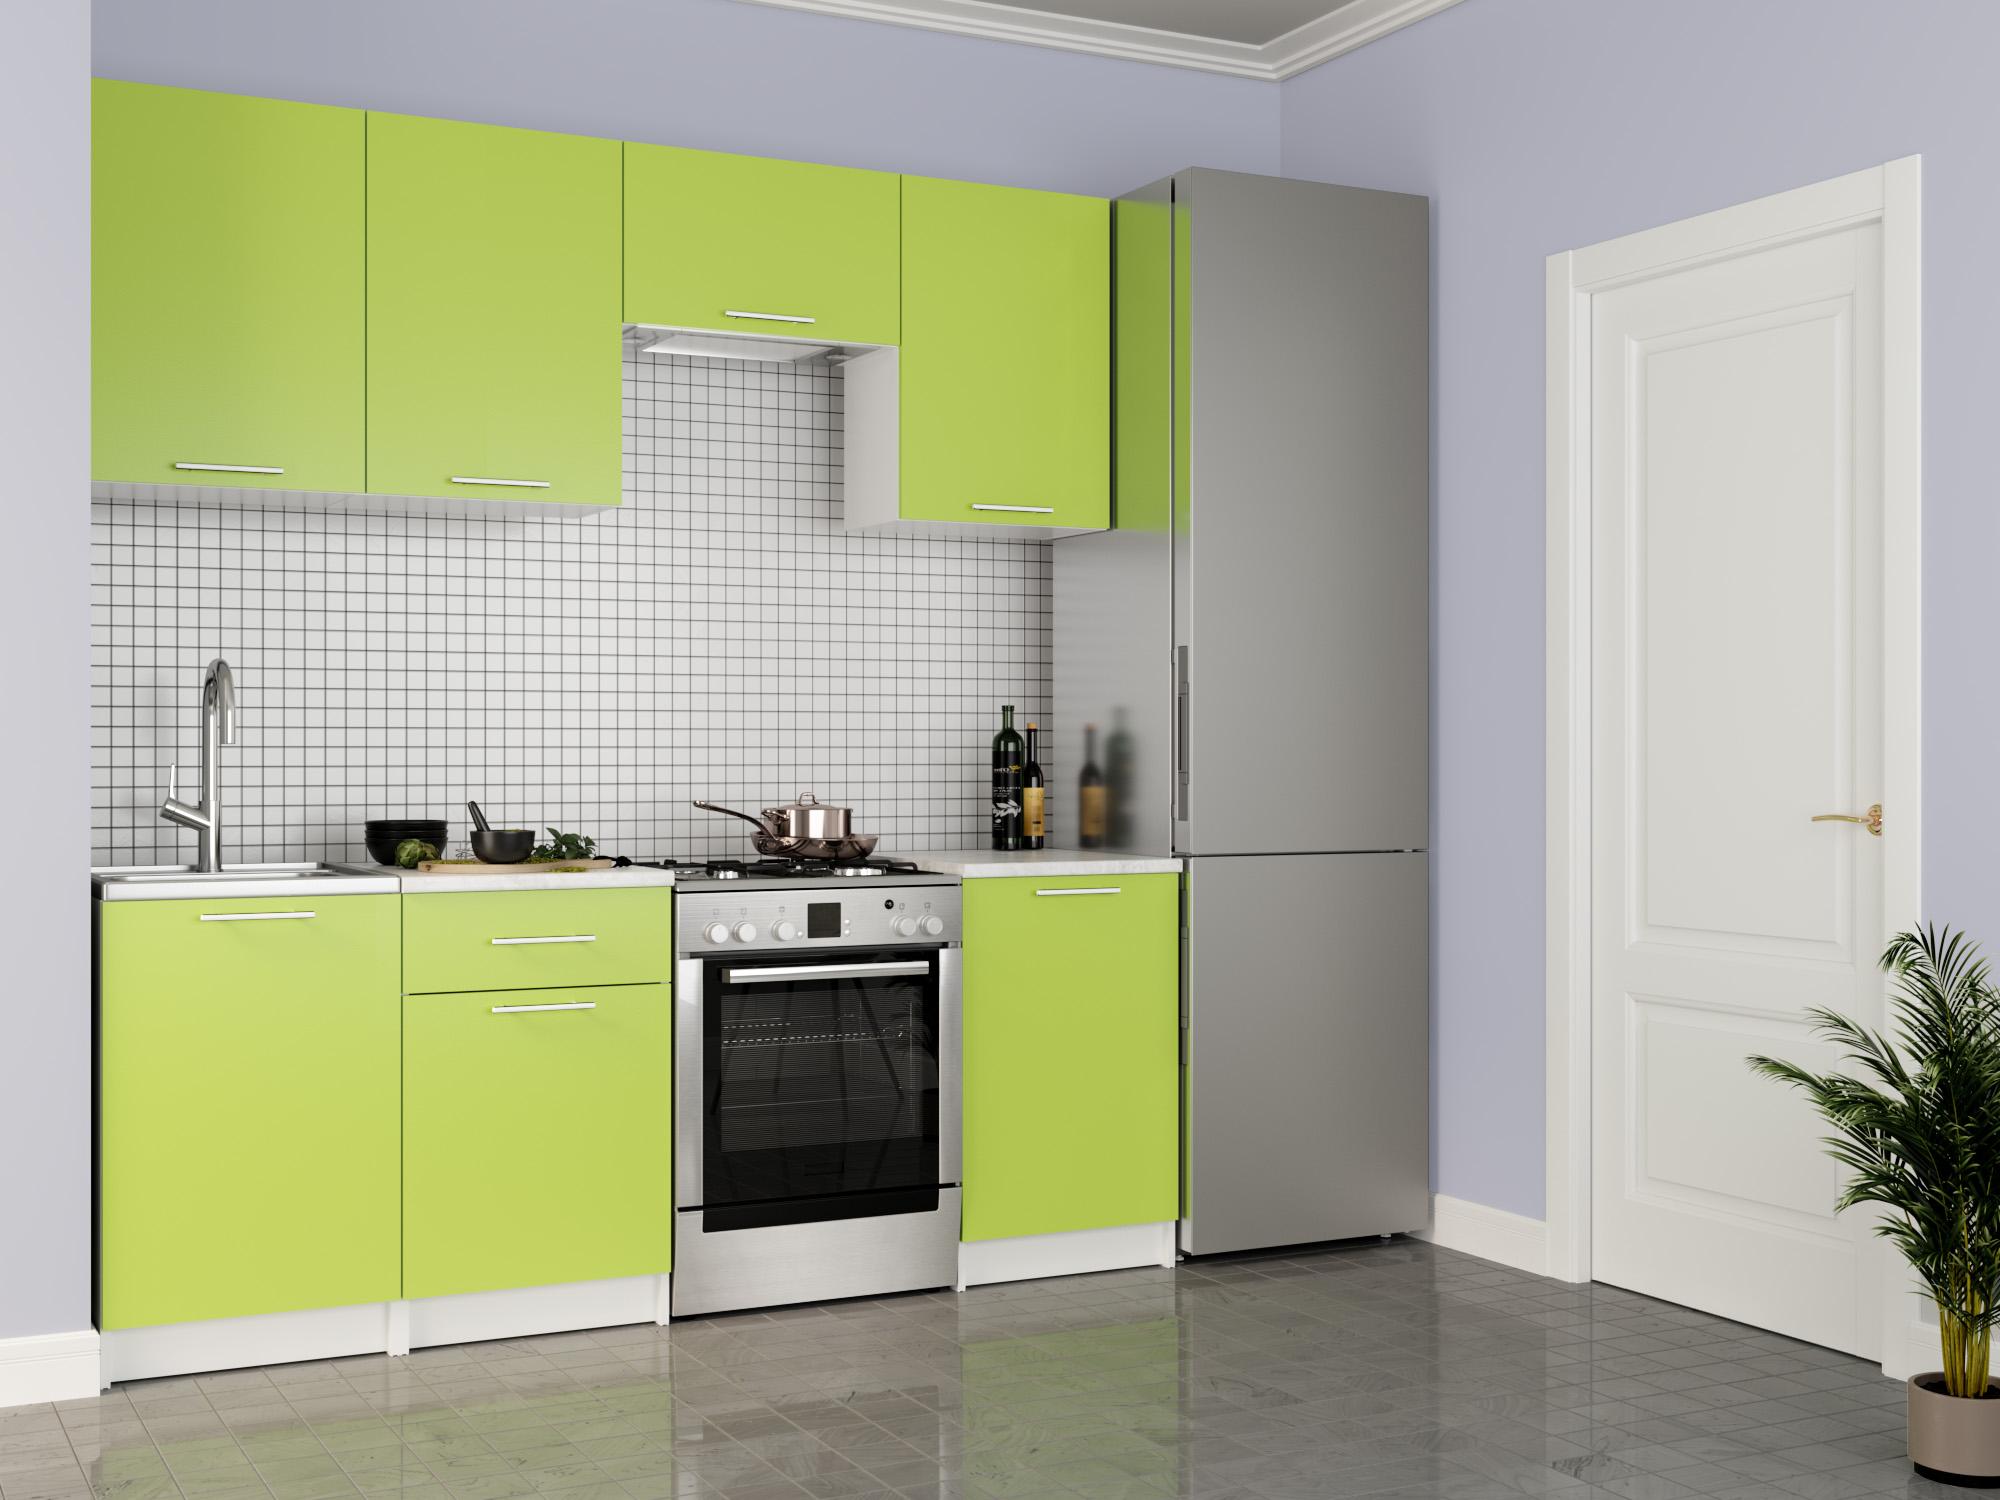 Кухня Адель 2,1 Лайм, , Зеленый, Белый, ЛДСП Белый, Зеленый, Лайм